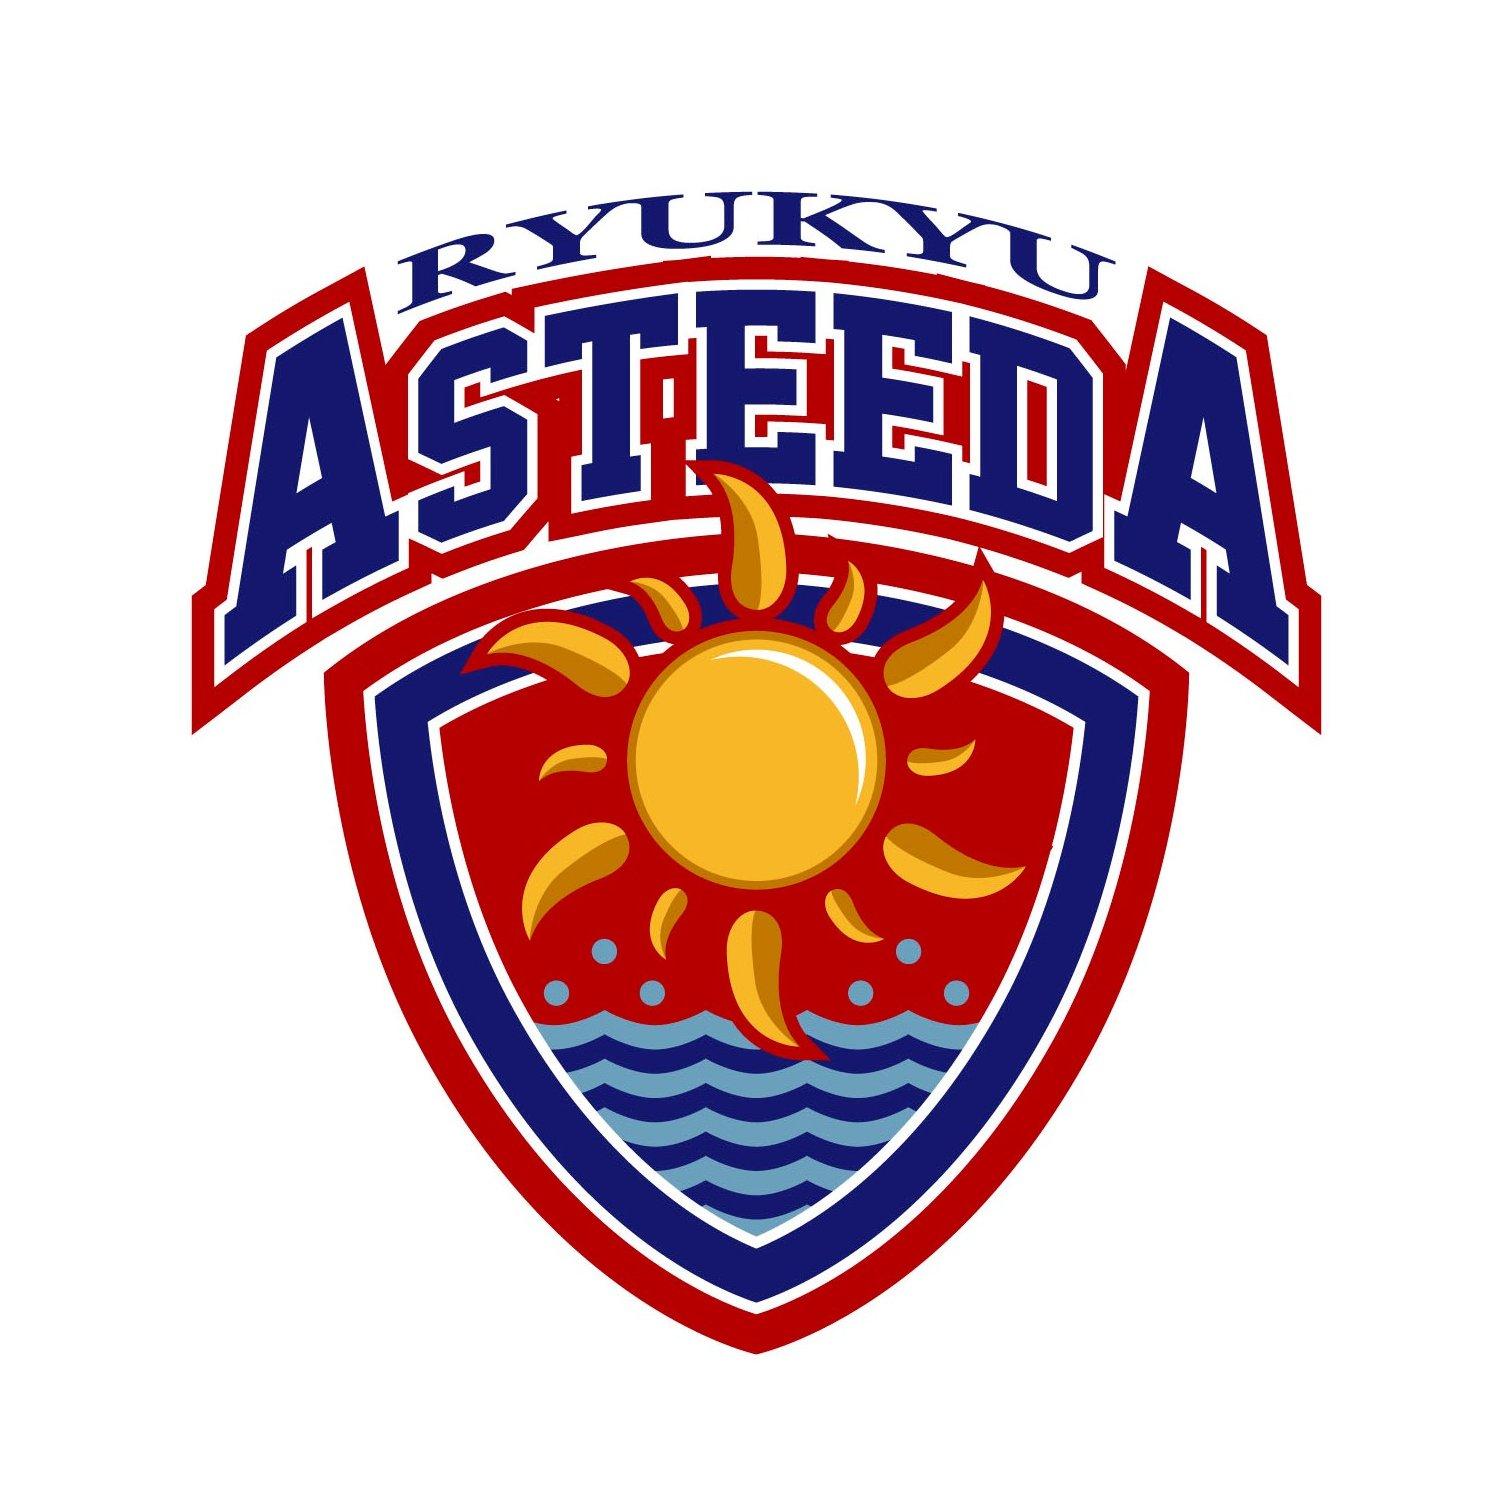 スポーツクラブで初の上場を果たした琉球アスティーダスポーツクラブ株式会社様のブランドアイデンティティ開発を行いました。